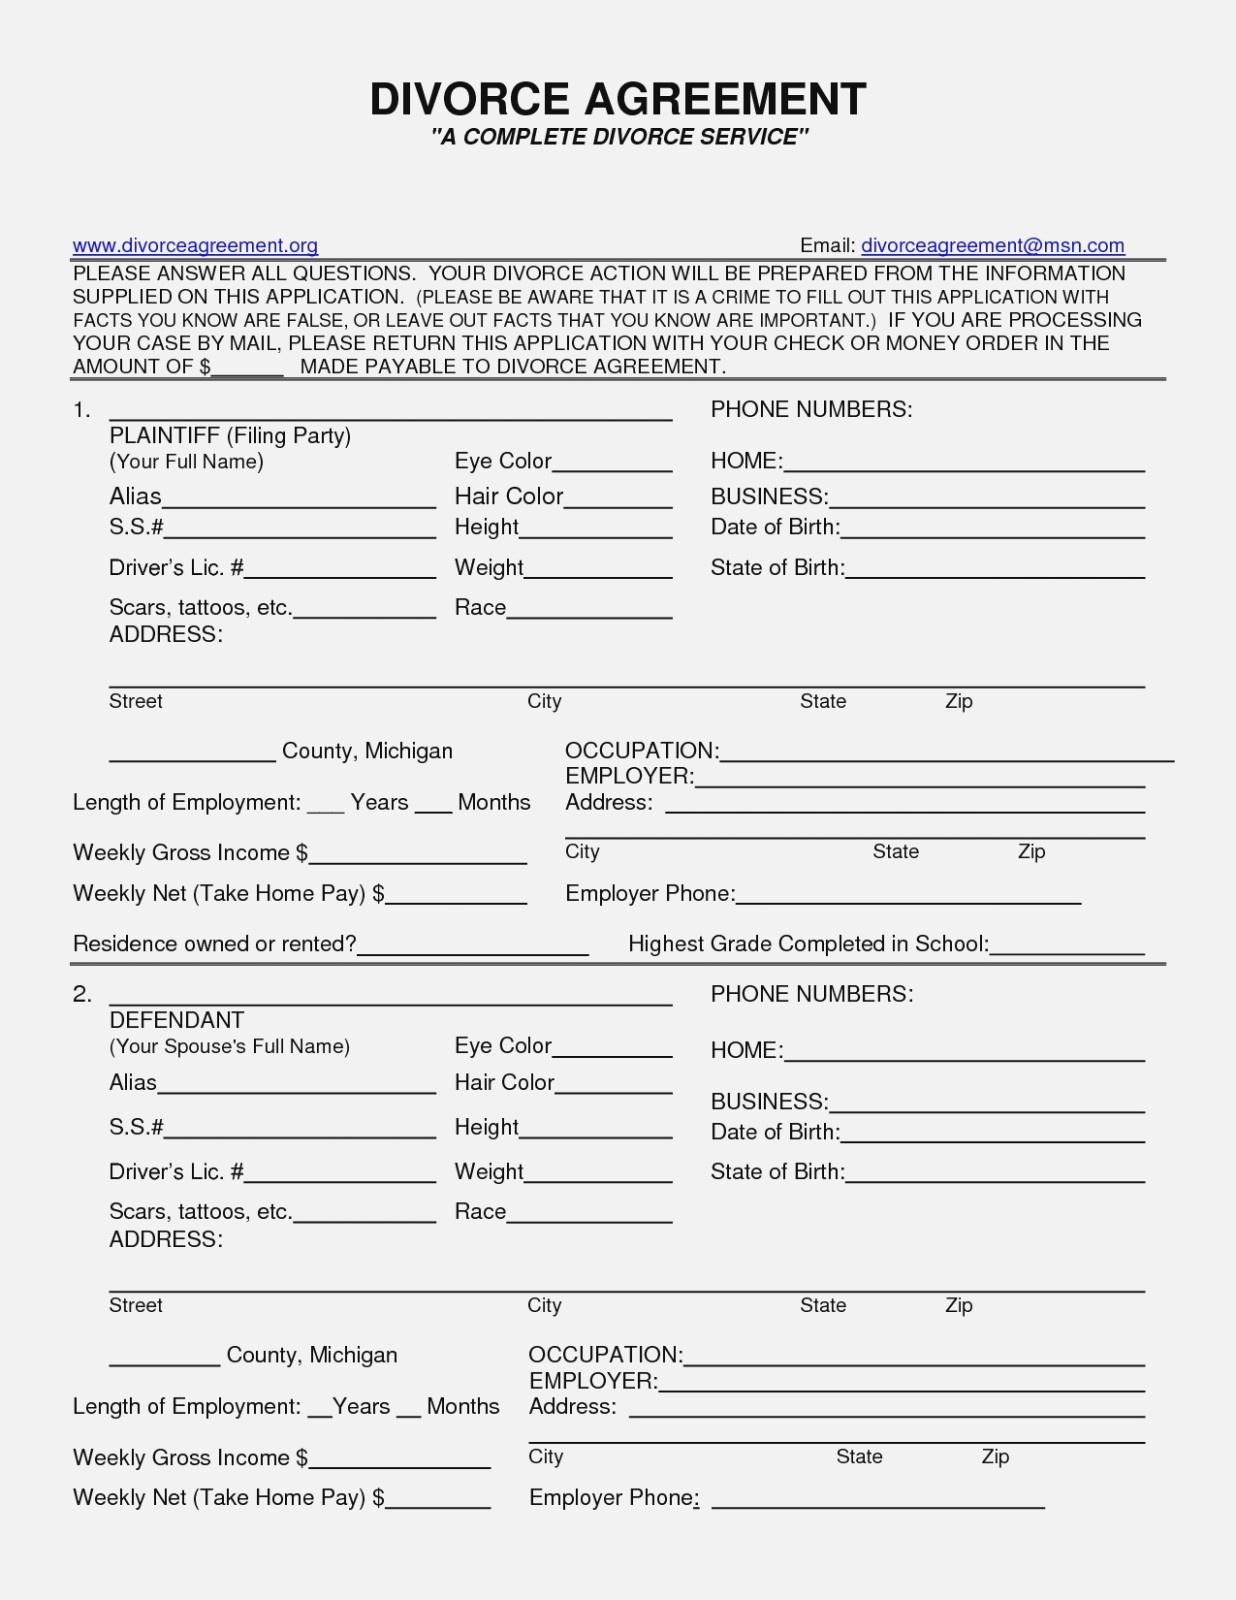 Sample Divorce Agreement Nj Luxury Form Free Printable Divorce - Free Printable Nj Divorce Forms